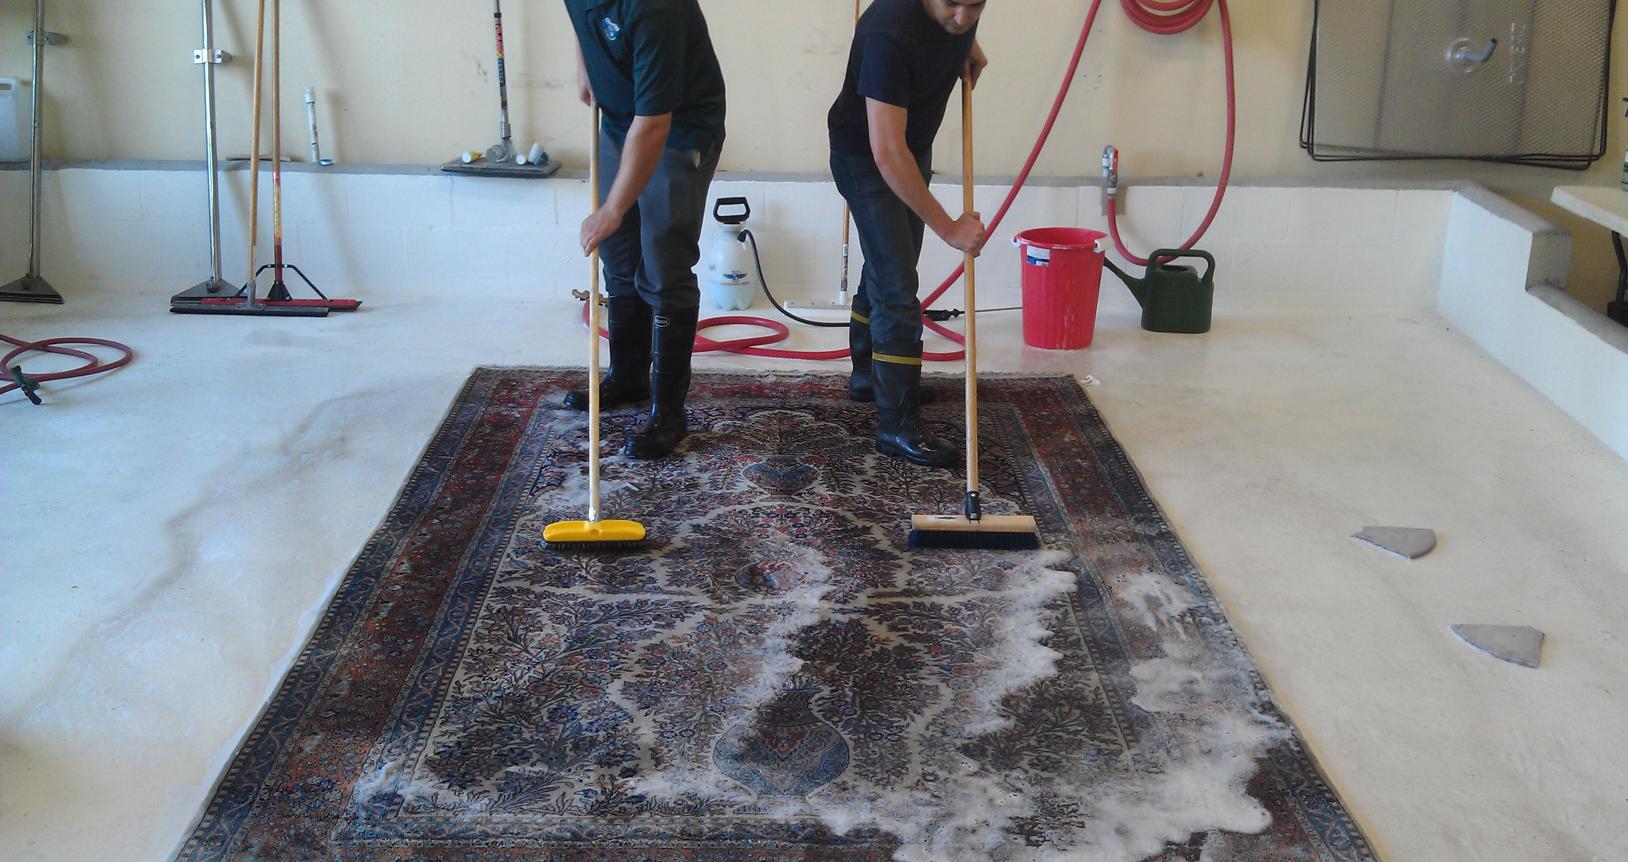 как организовать бизнес по чистке ковров